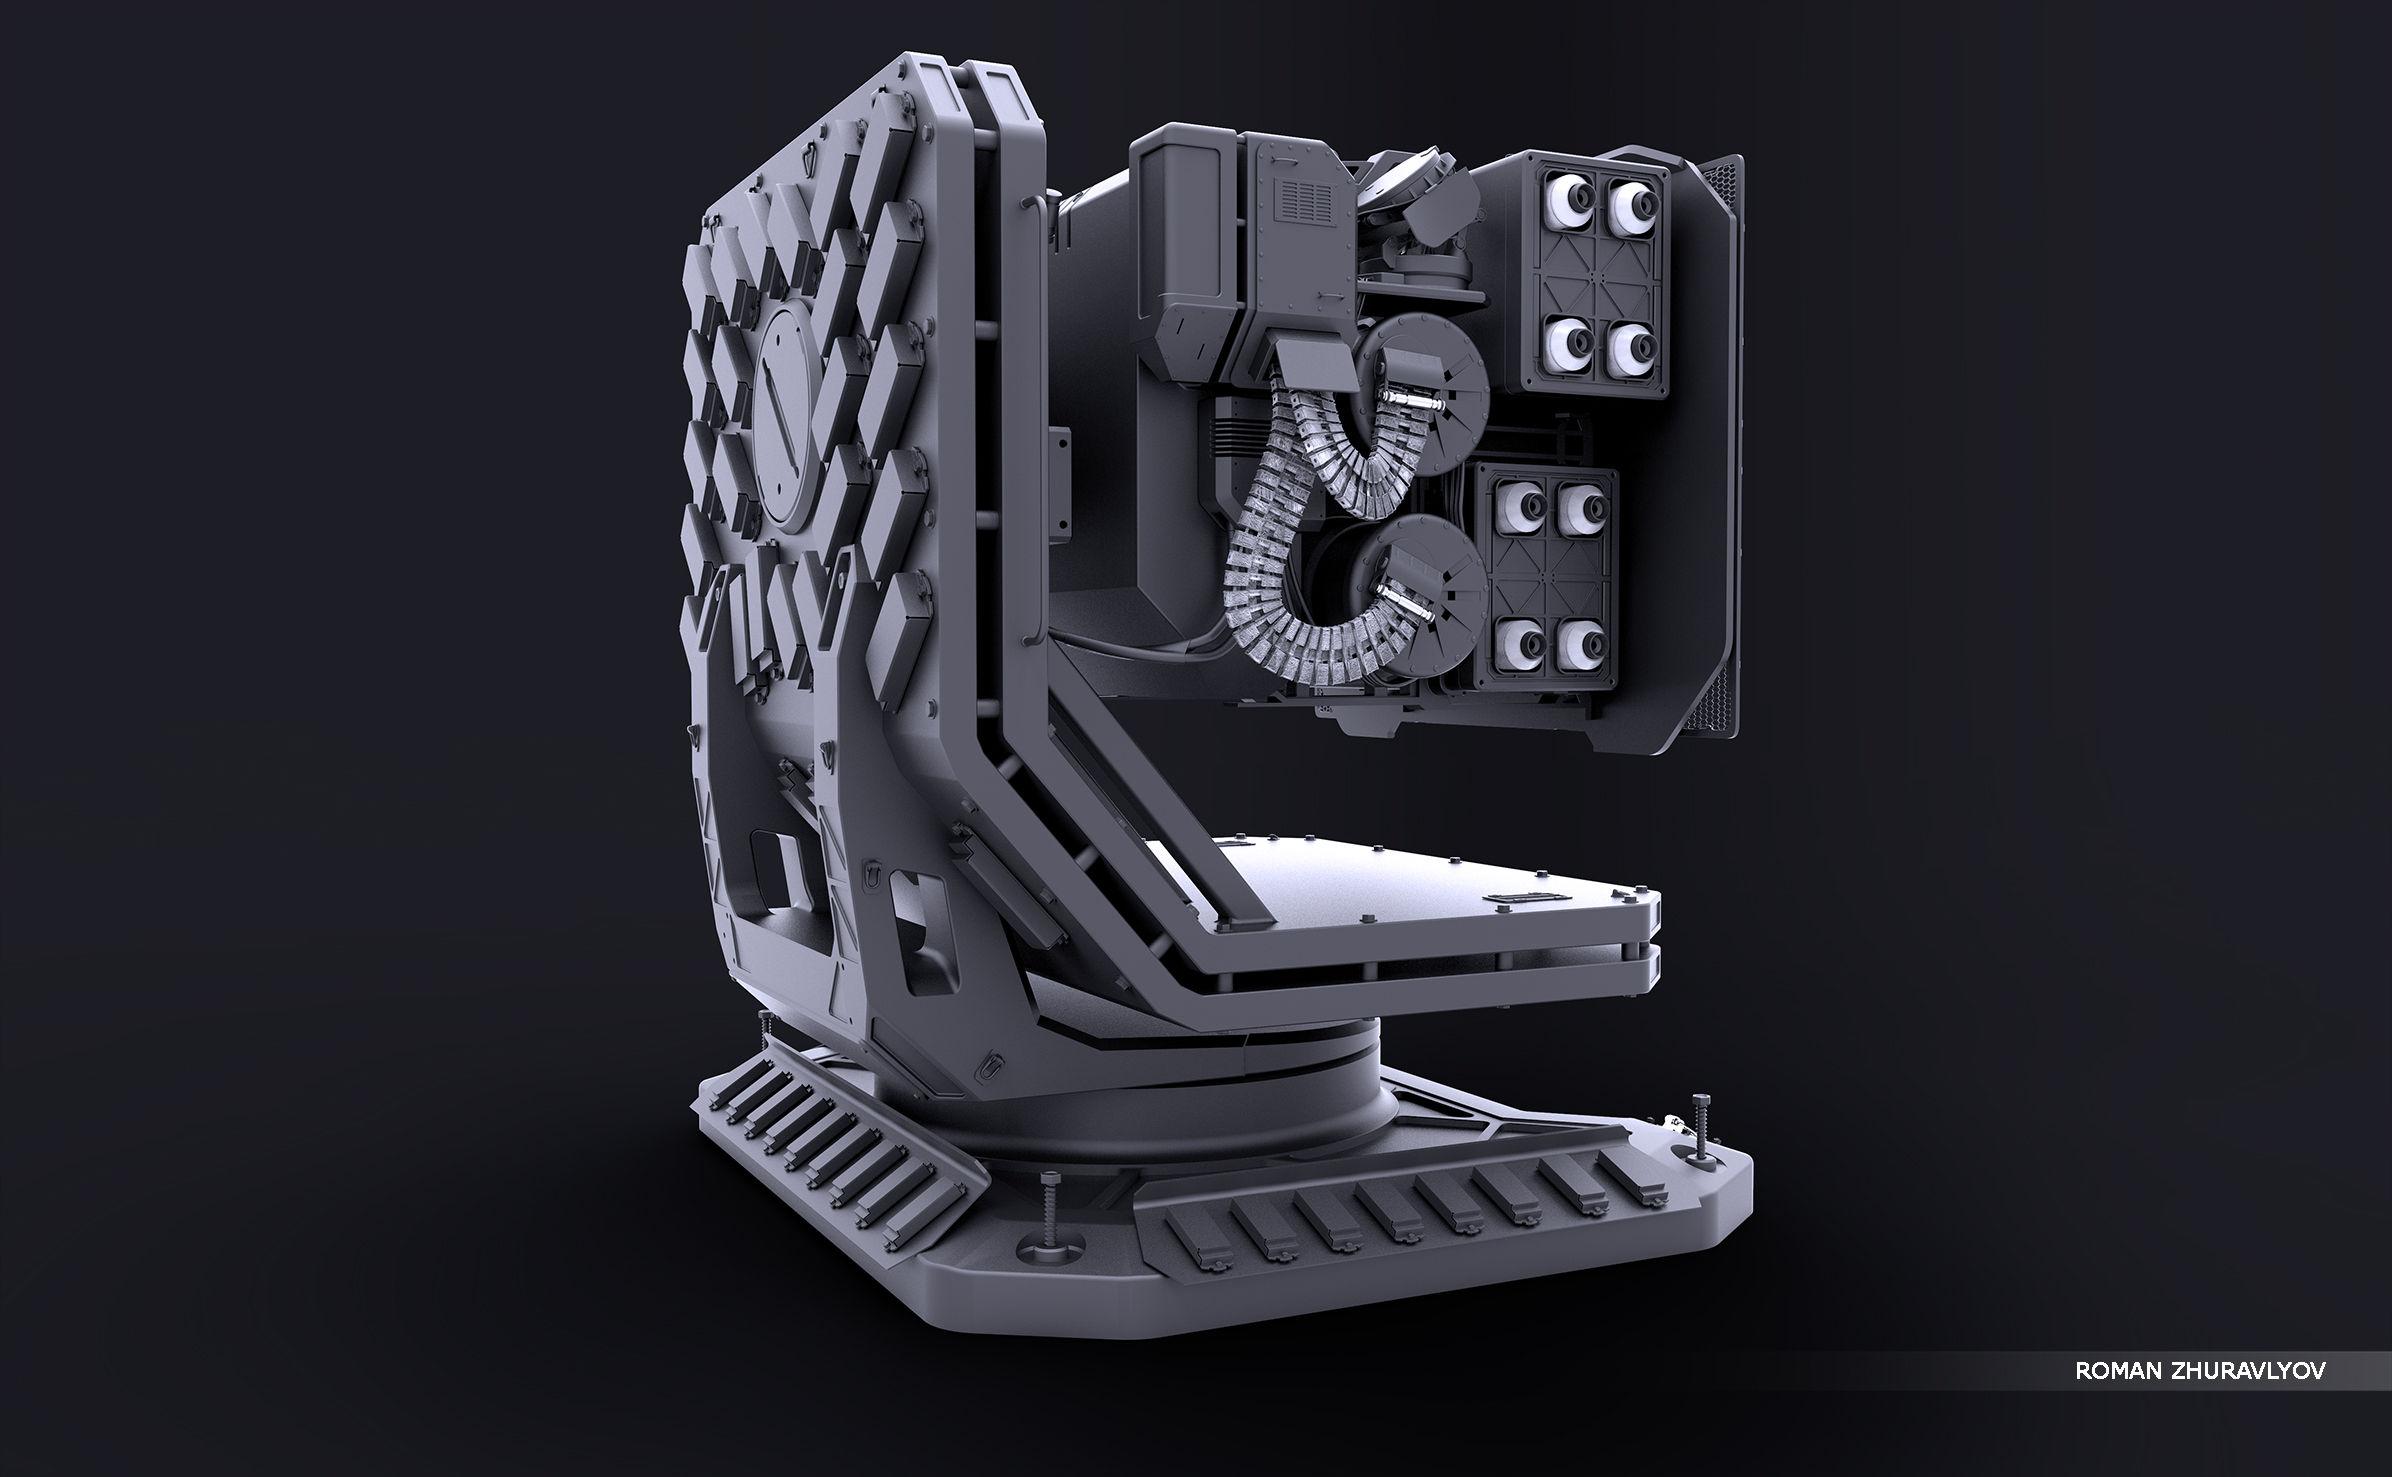 Turret-2-3500-3500